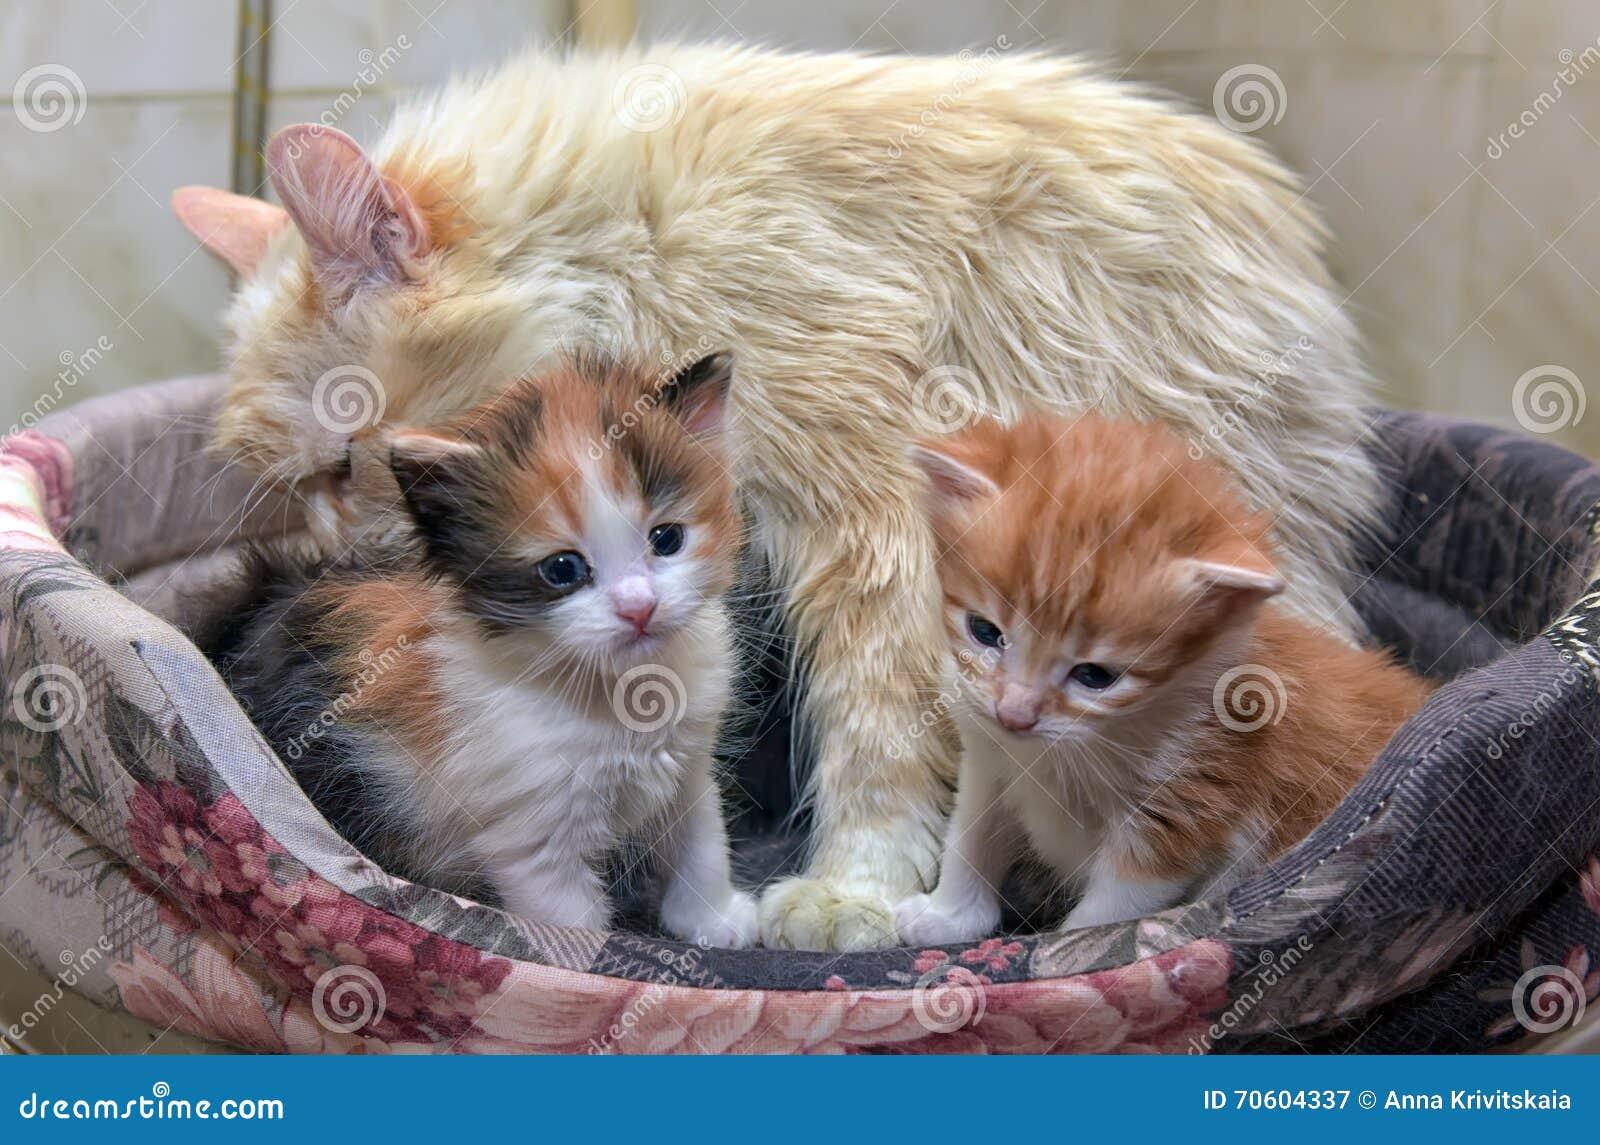 Kat met katjes